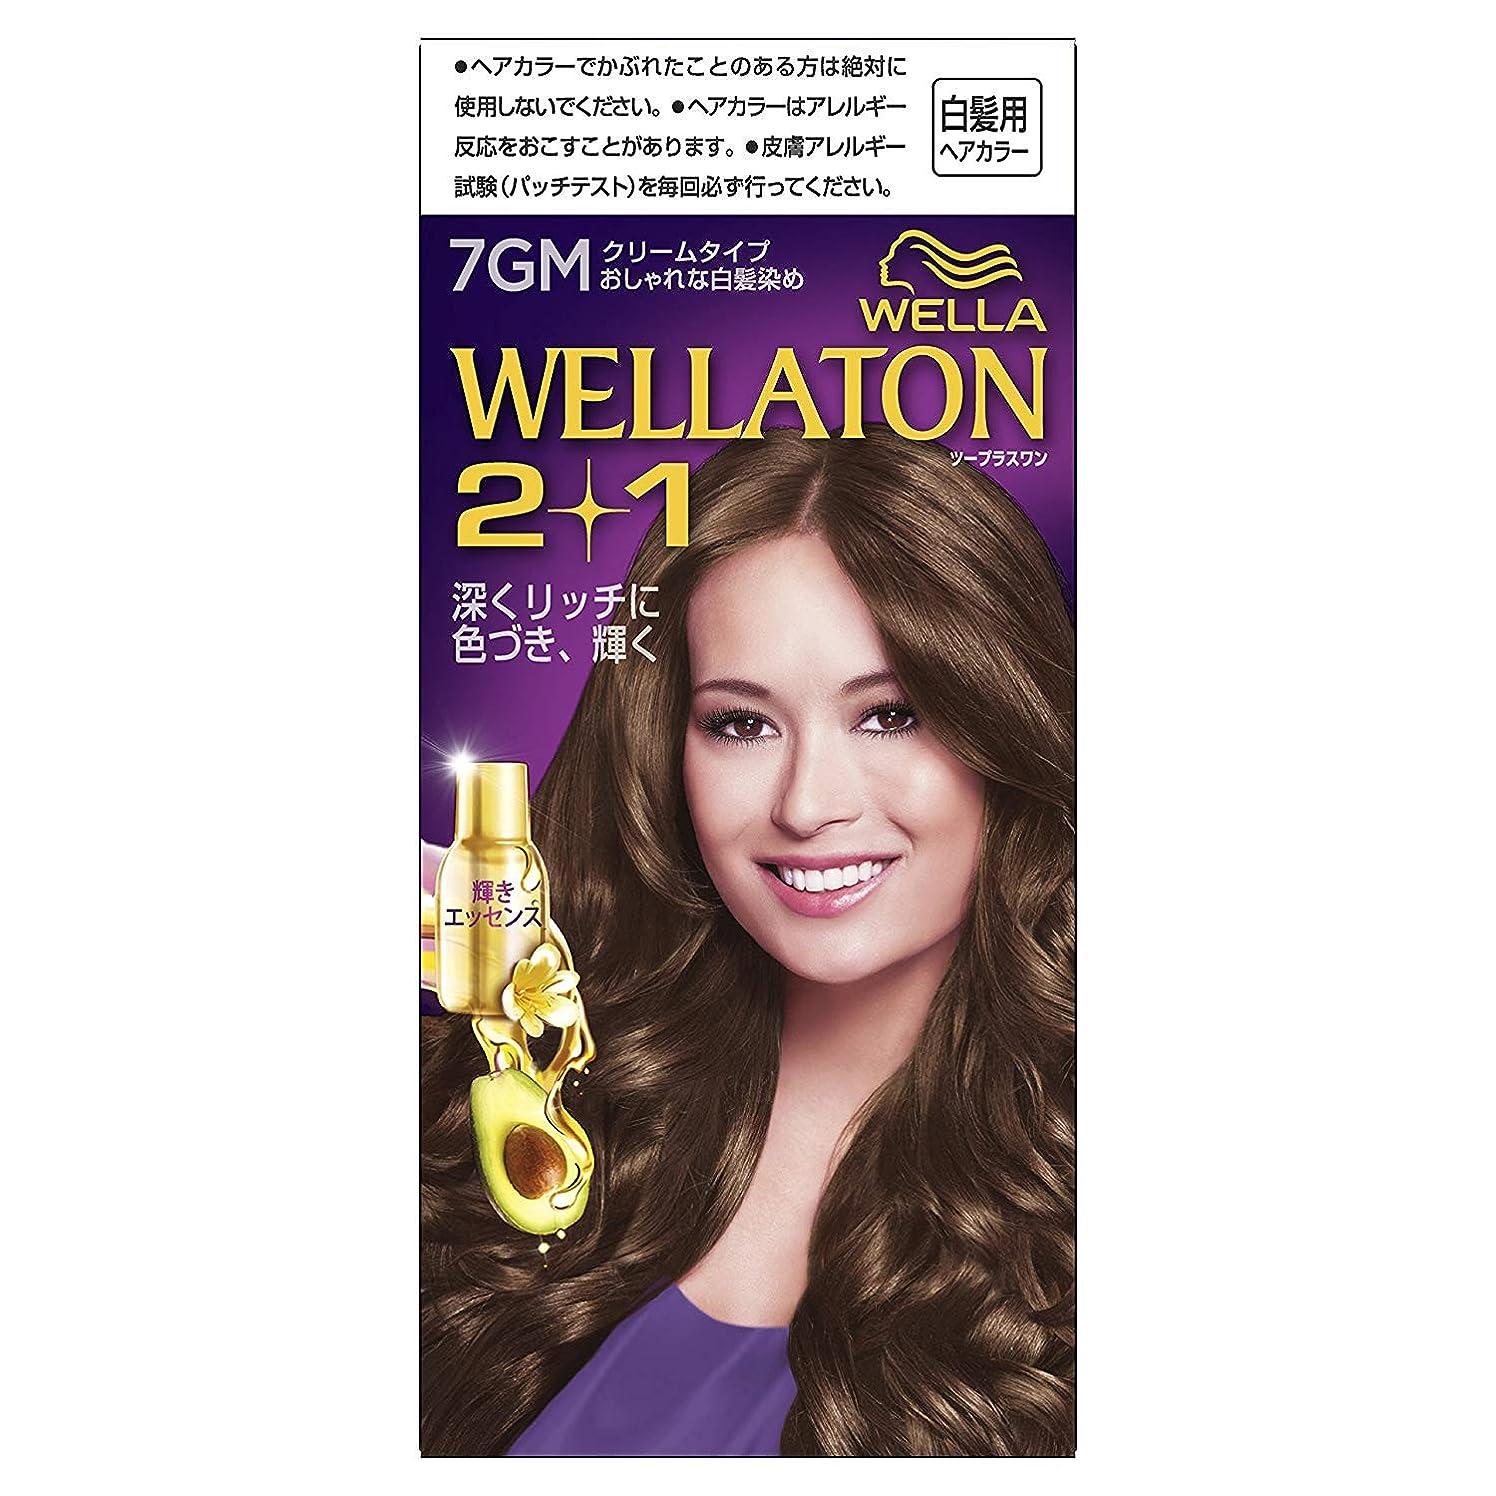 トレイ願望思想ウエラトーン2+1 白髪染め クリームタイプ 7GM [医薬部外品] ×6個